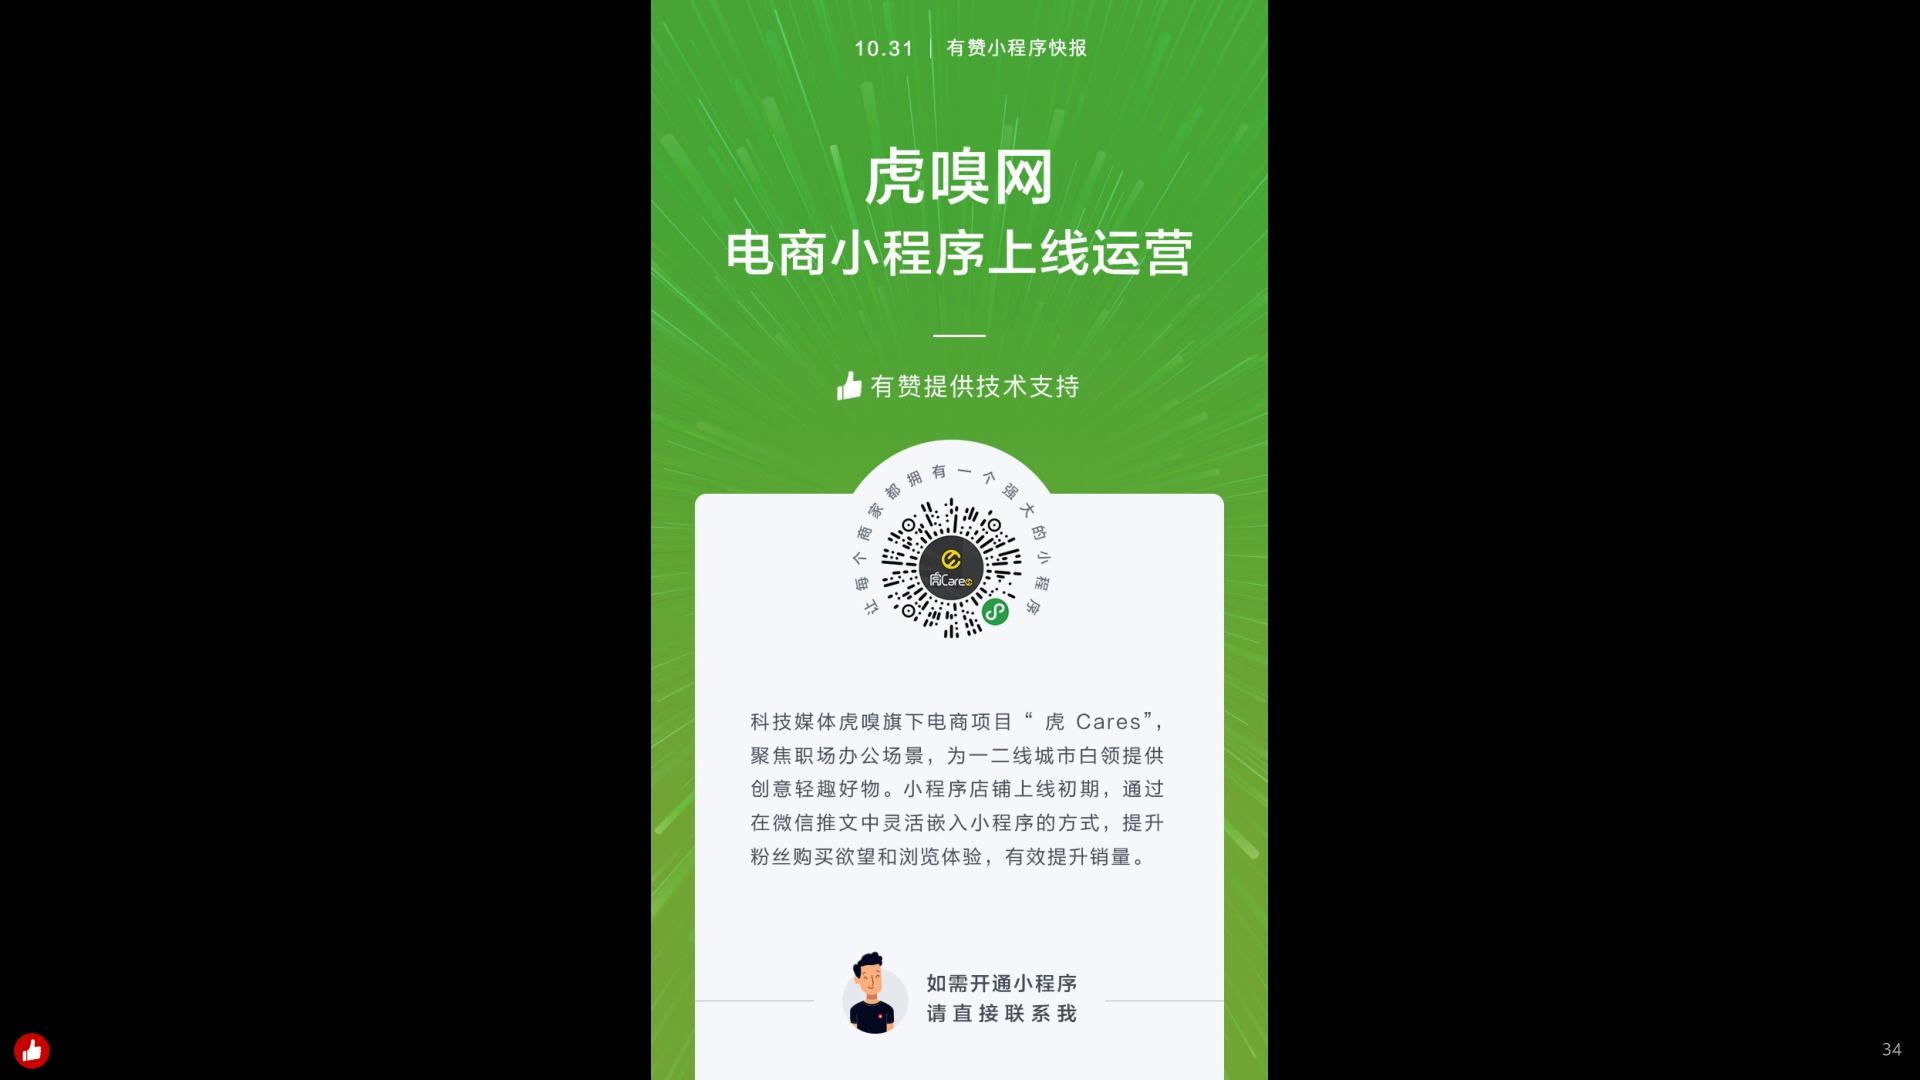 https://opentalk-blog.b0.upaiyun.com/prod/2018-11-26/2b6b24ecf2096ee2aac7e003b758d863